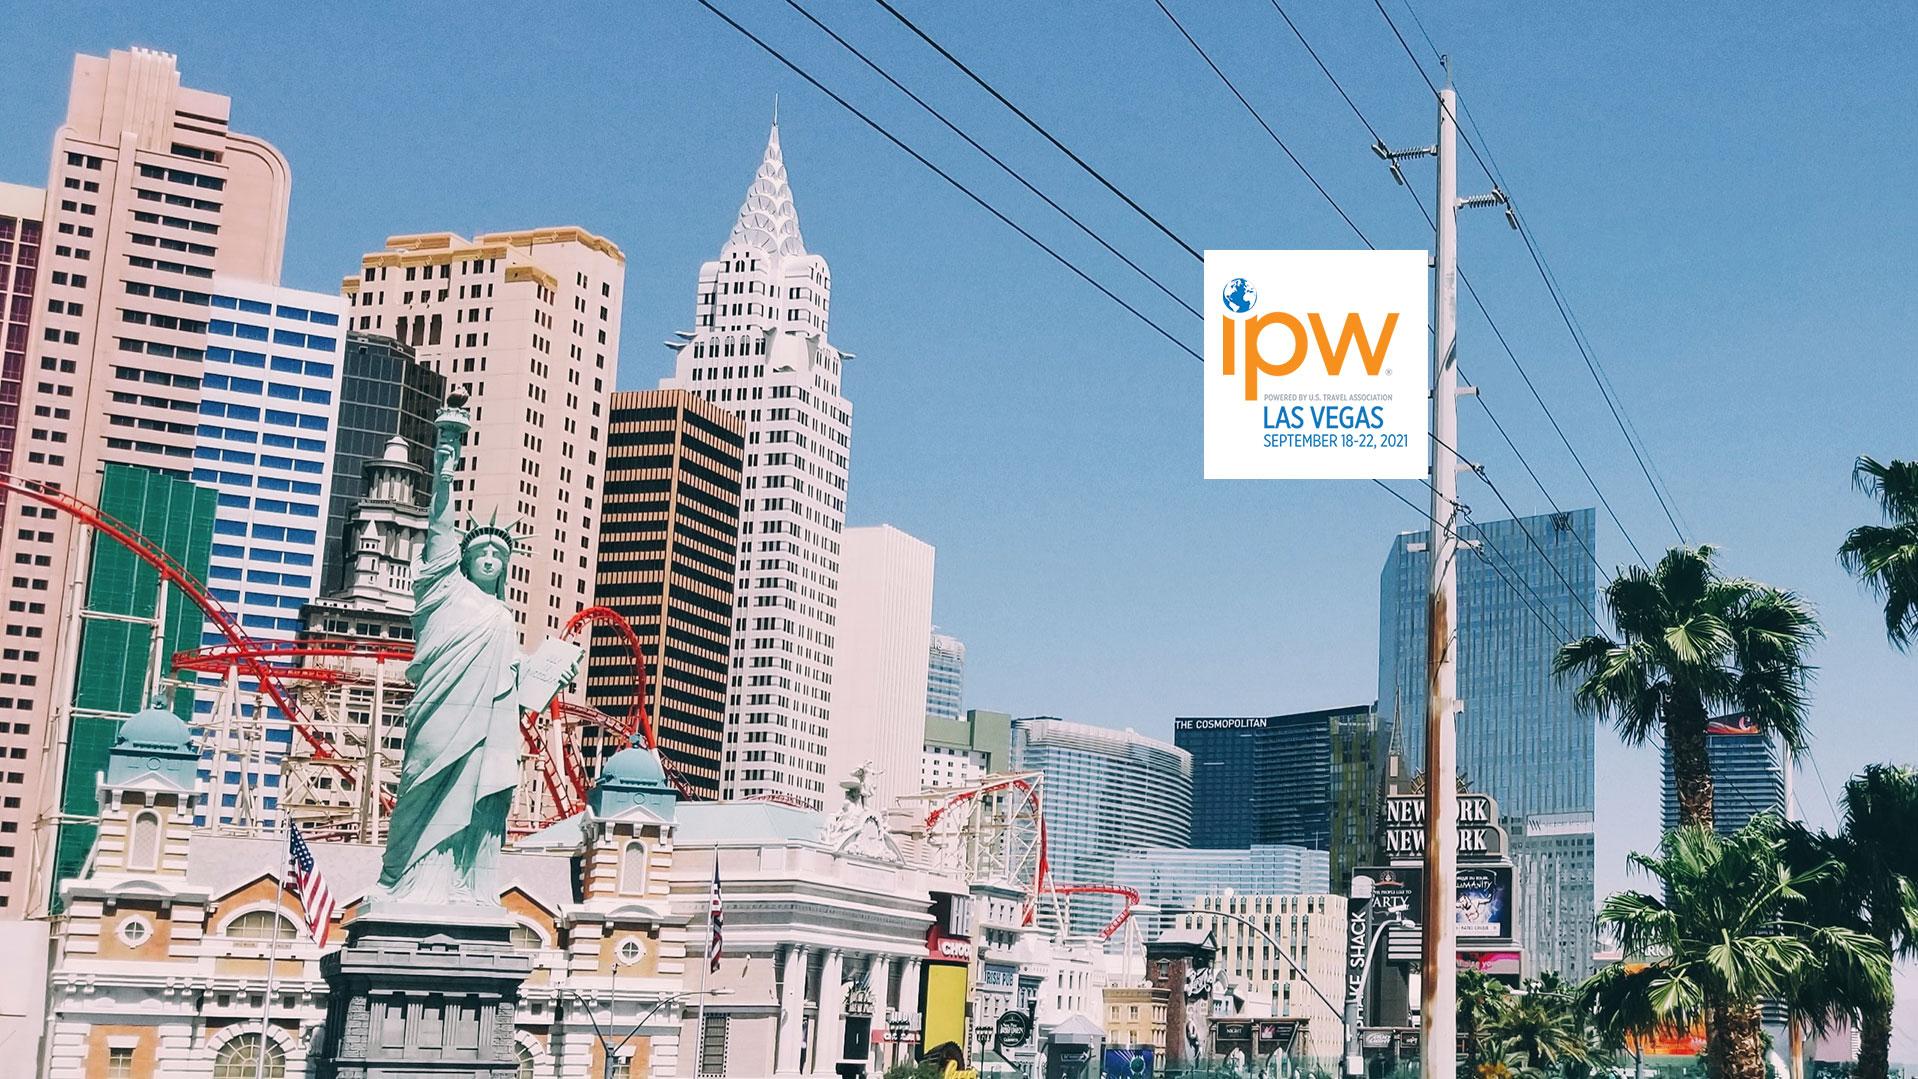 L'IPW 2021 se tiendra à Las Vegas en septembre